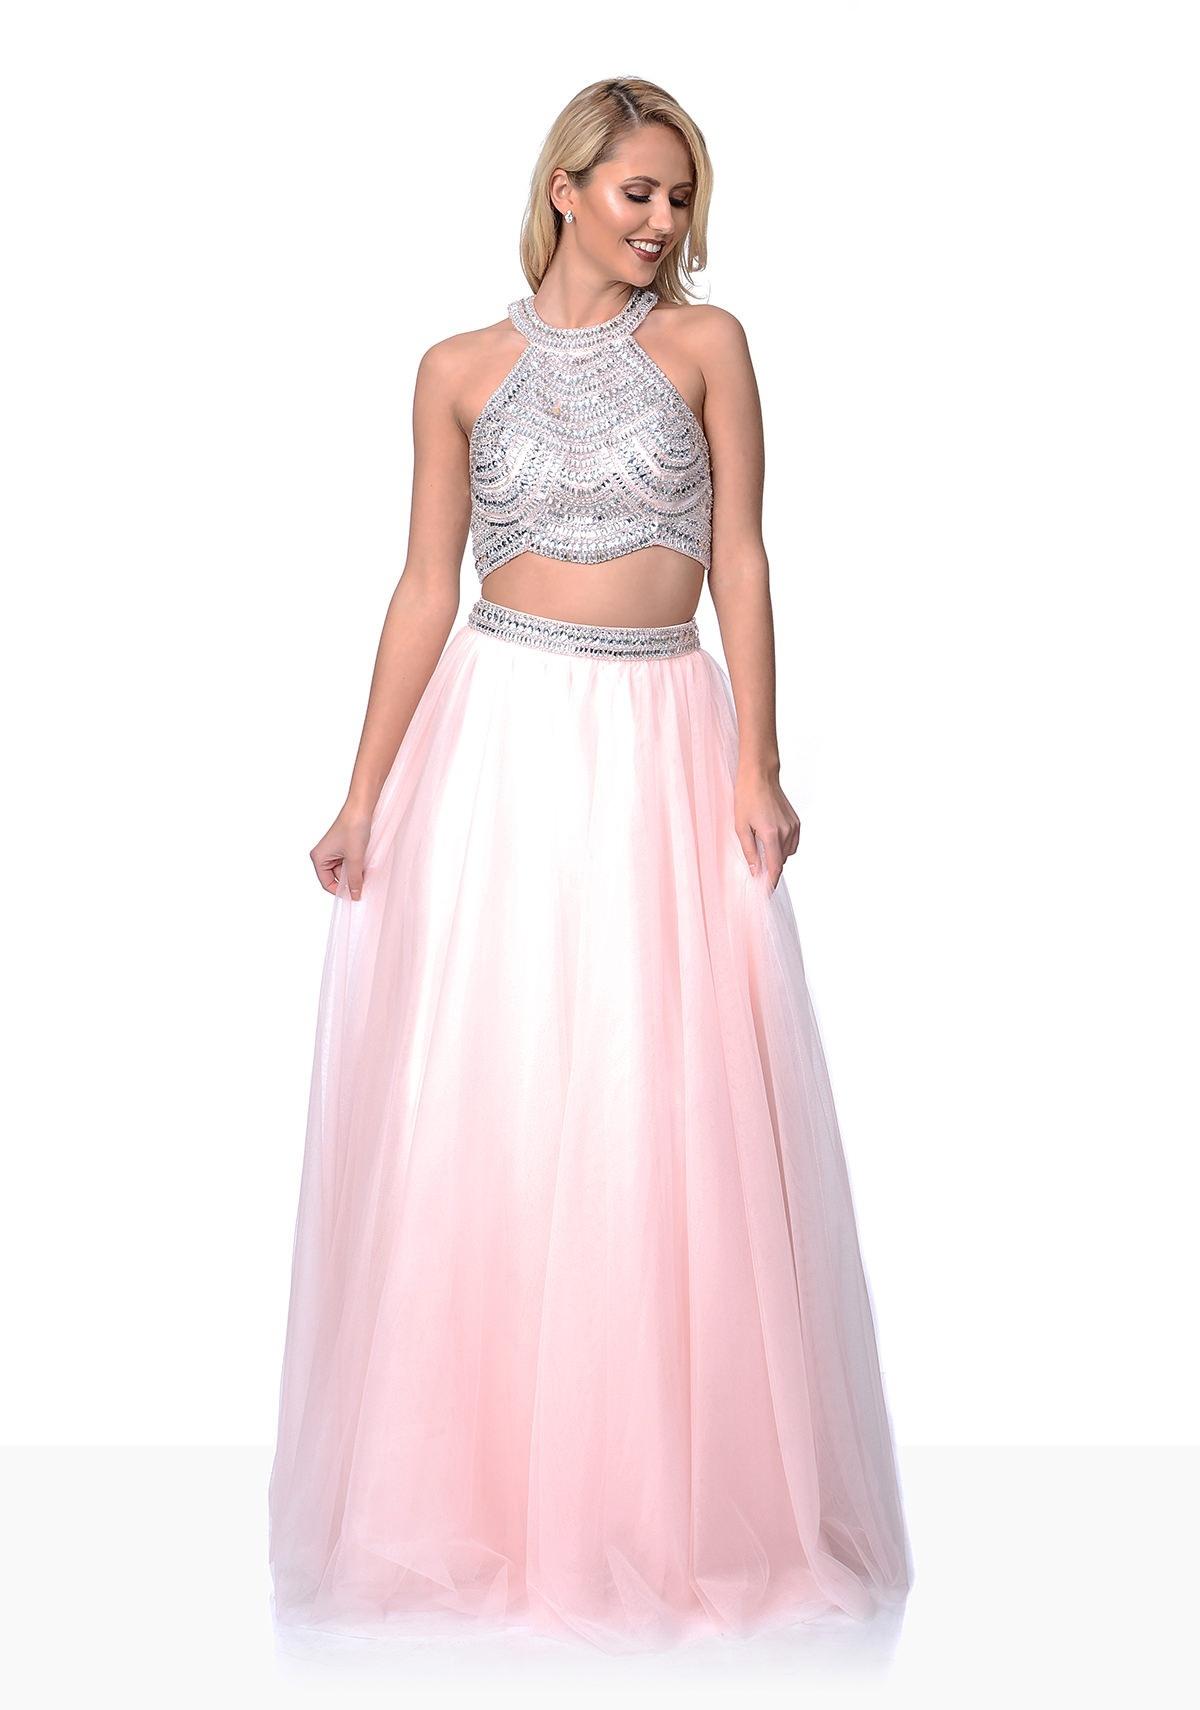 13 Perfekt Abendkleid Pink Bester PreisAbend Luxurius Abendkleid Pink für 2019